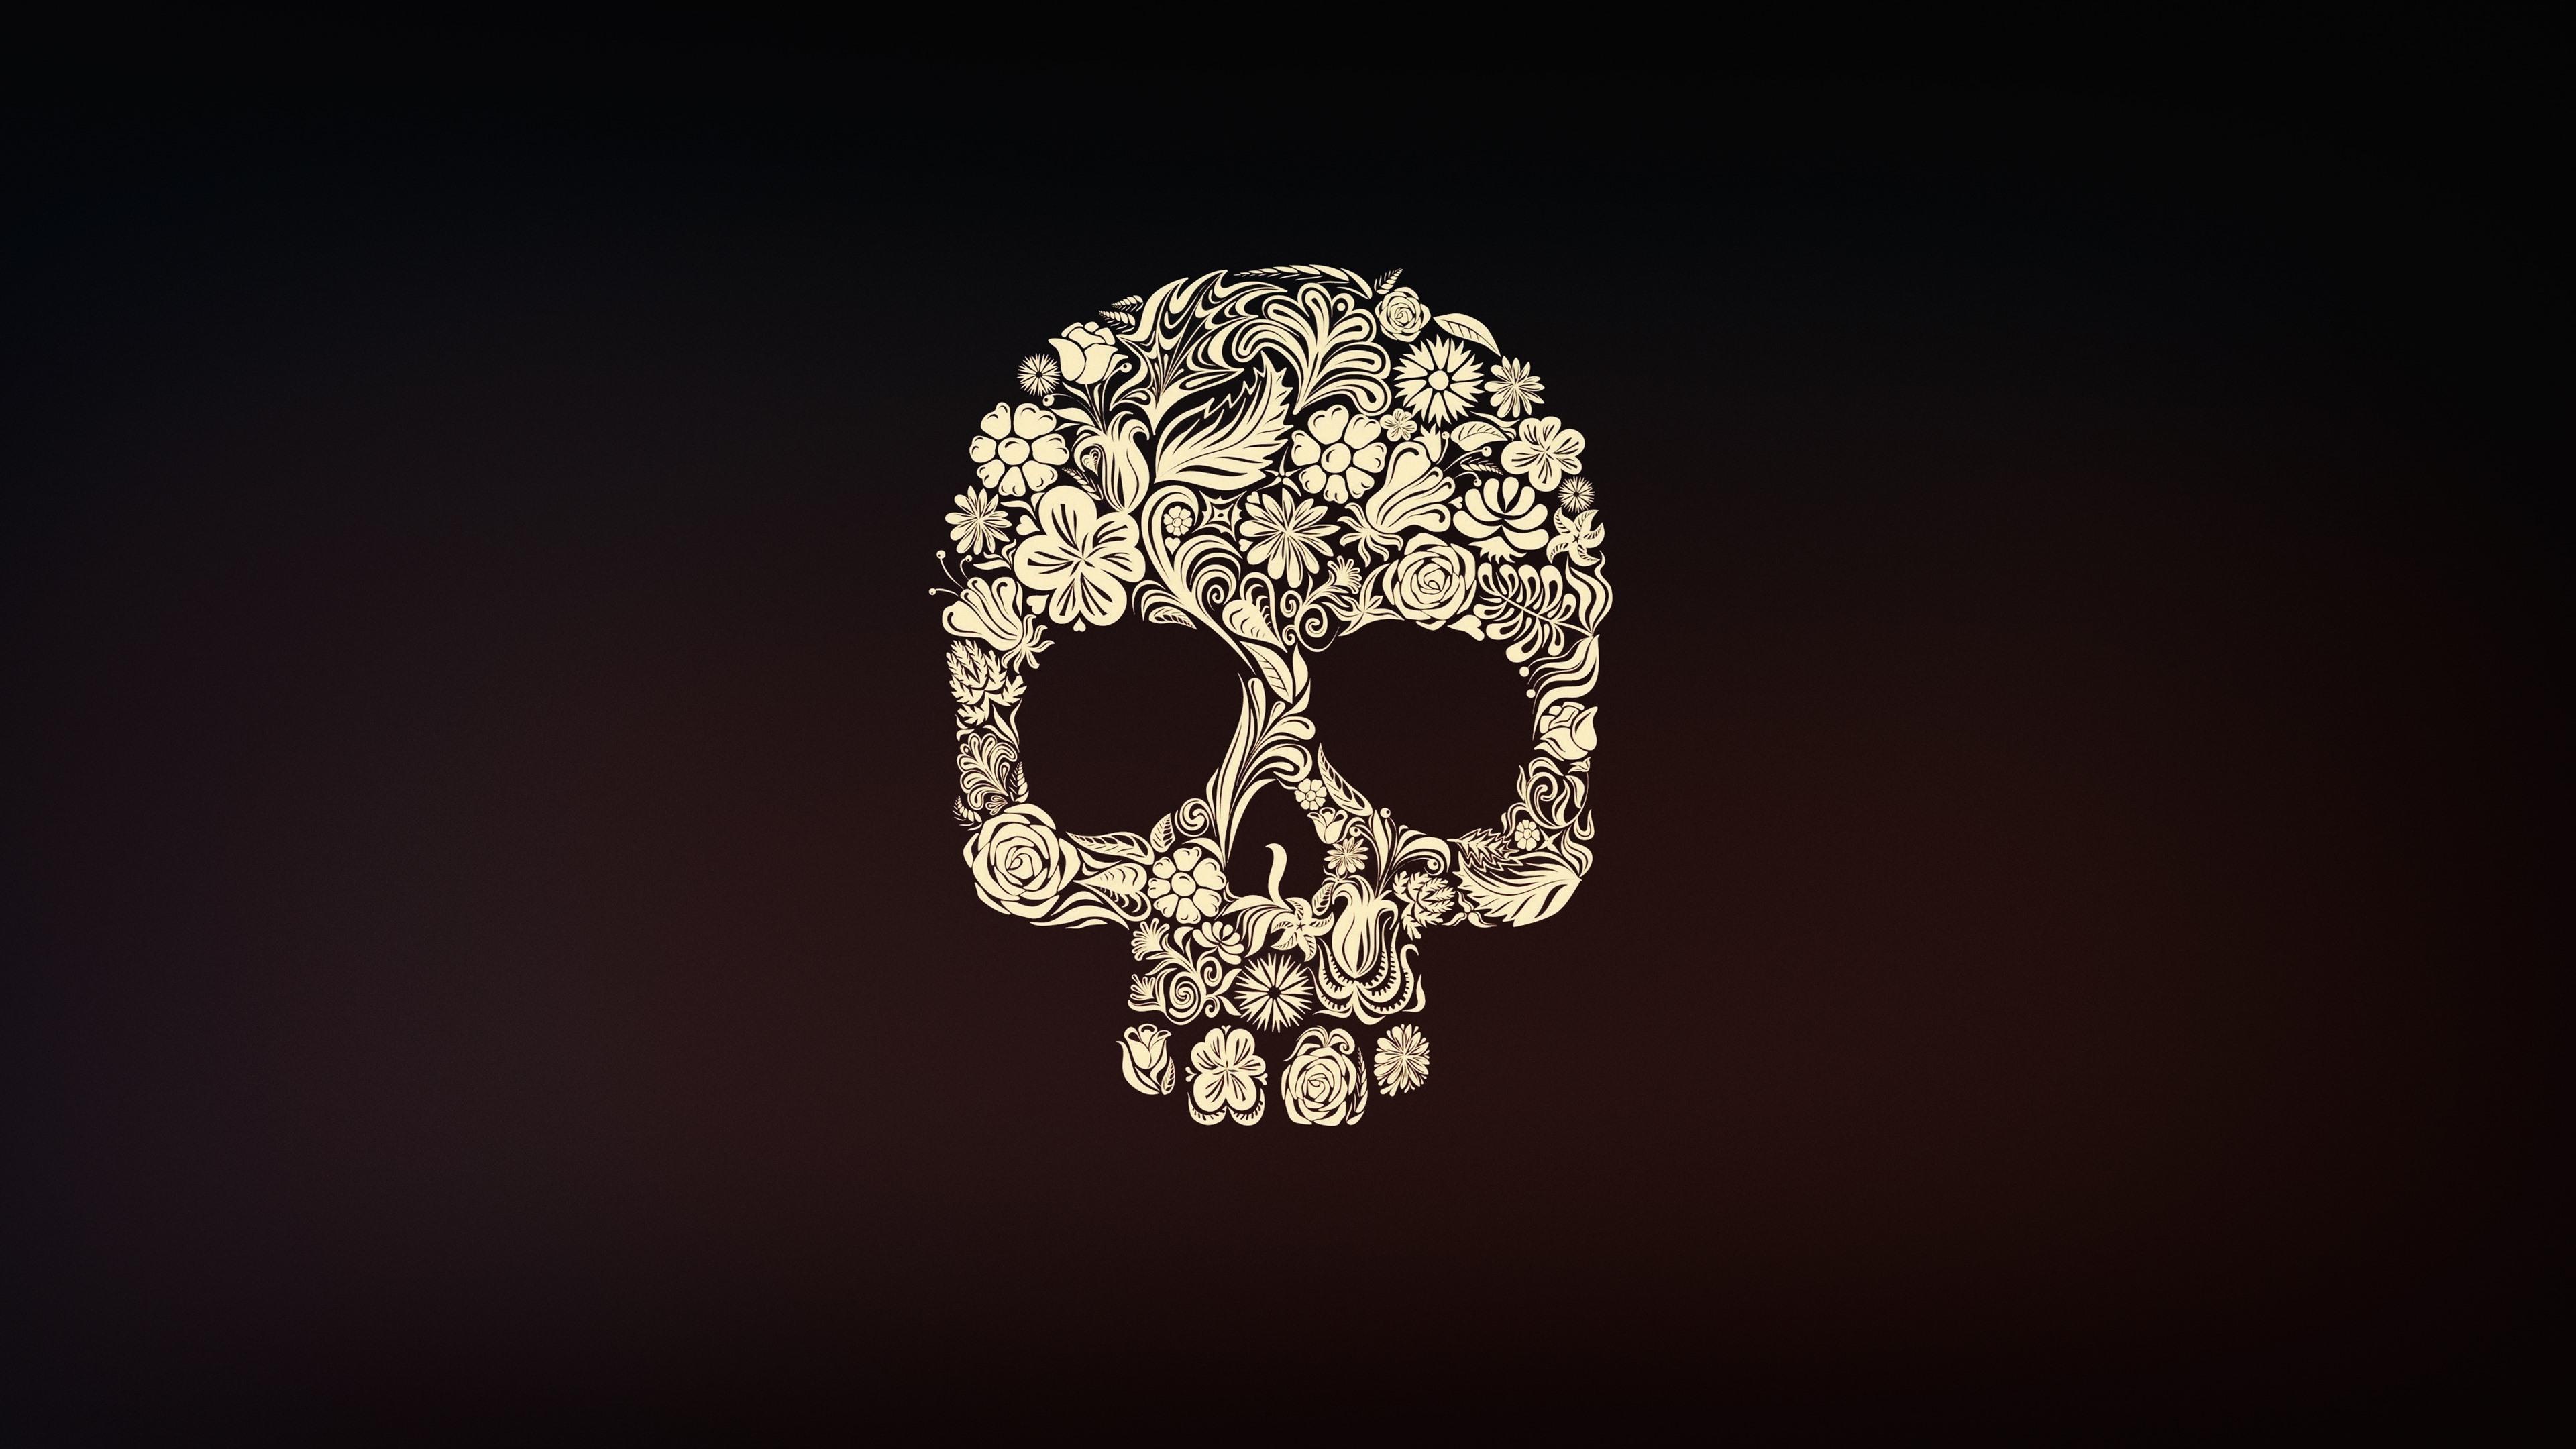 Wallpaper Skull Flowers Art Picture 3840x2160 Uhd 4k